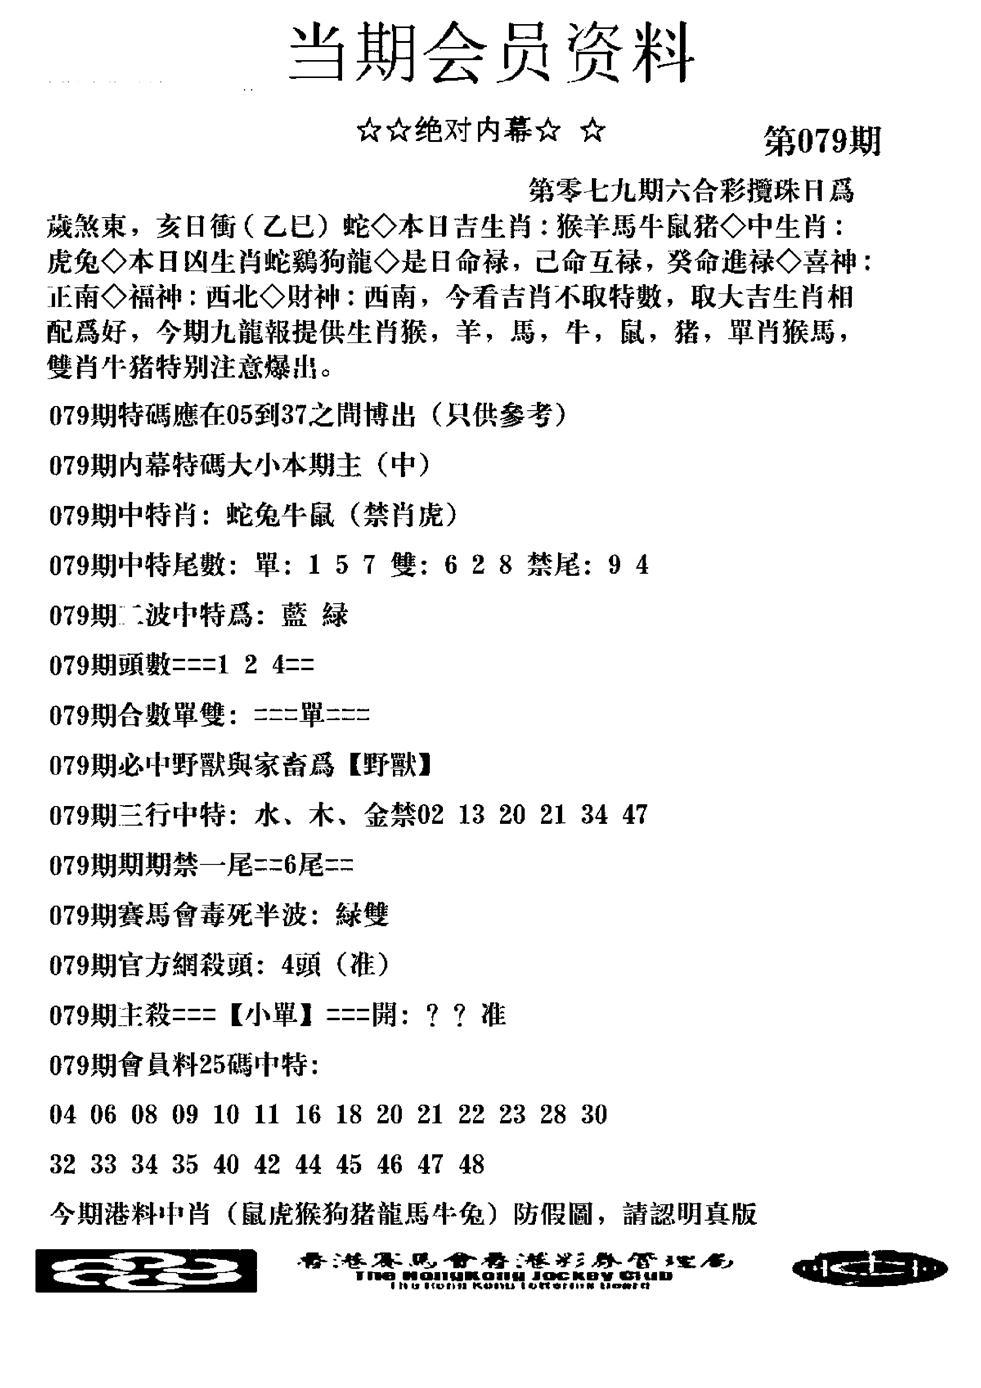 079期当期会员资料图(黑白)